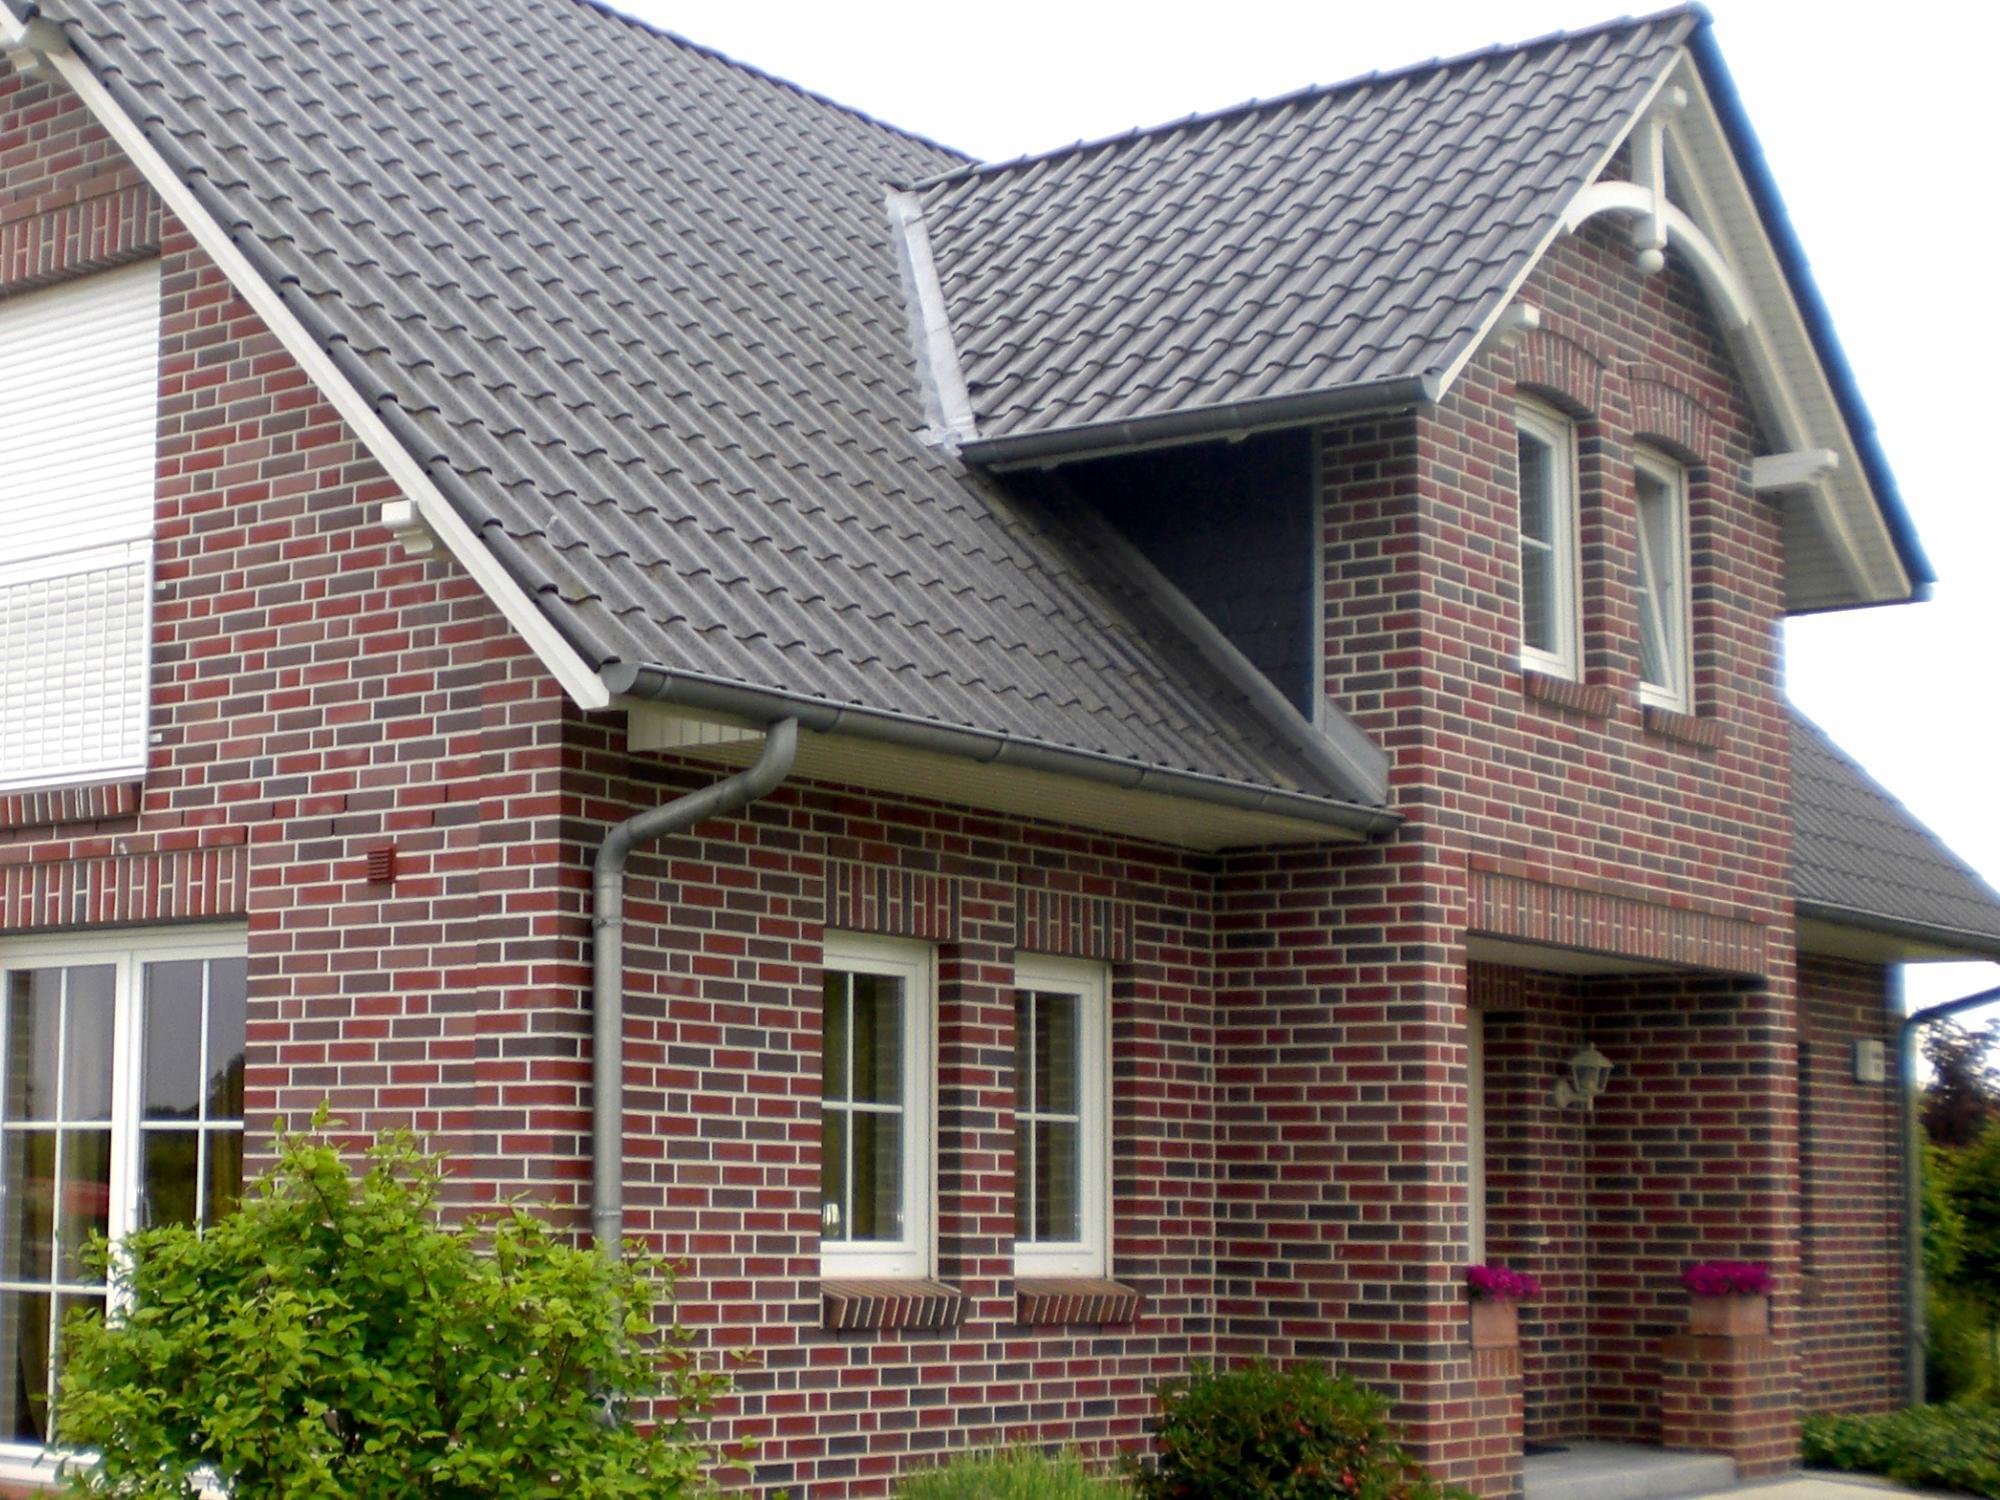 seitenwand eines kapit nshauses mit schwarzen schindeln gedeckt schindeln dachziegel. Black Bedroom Furniture Sets. Home Design Ideas